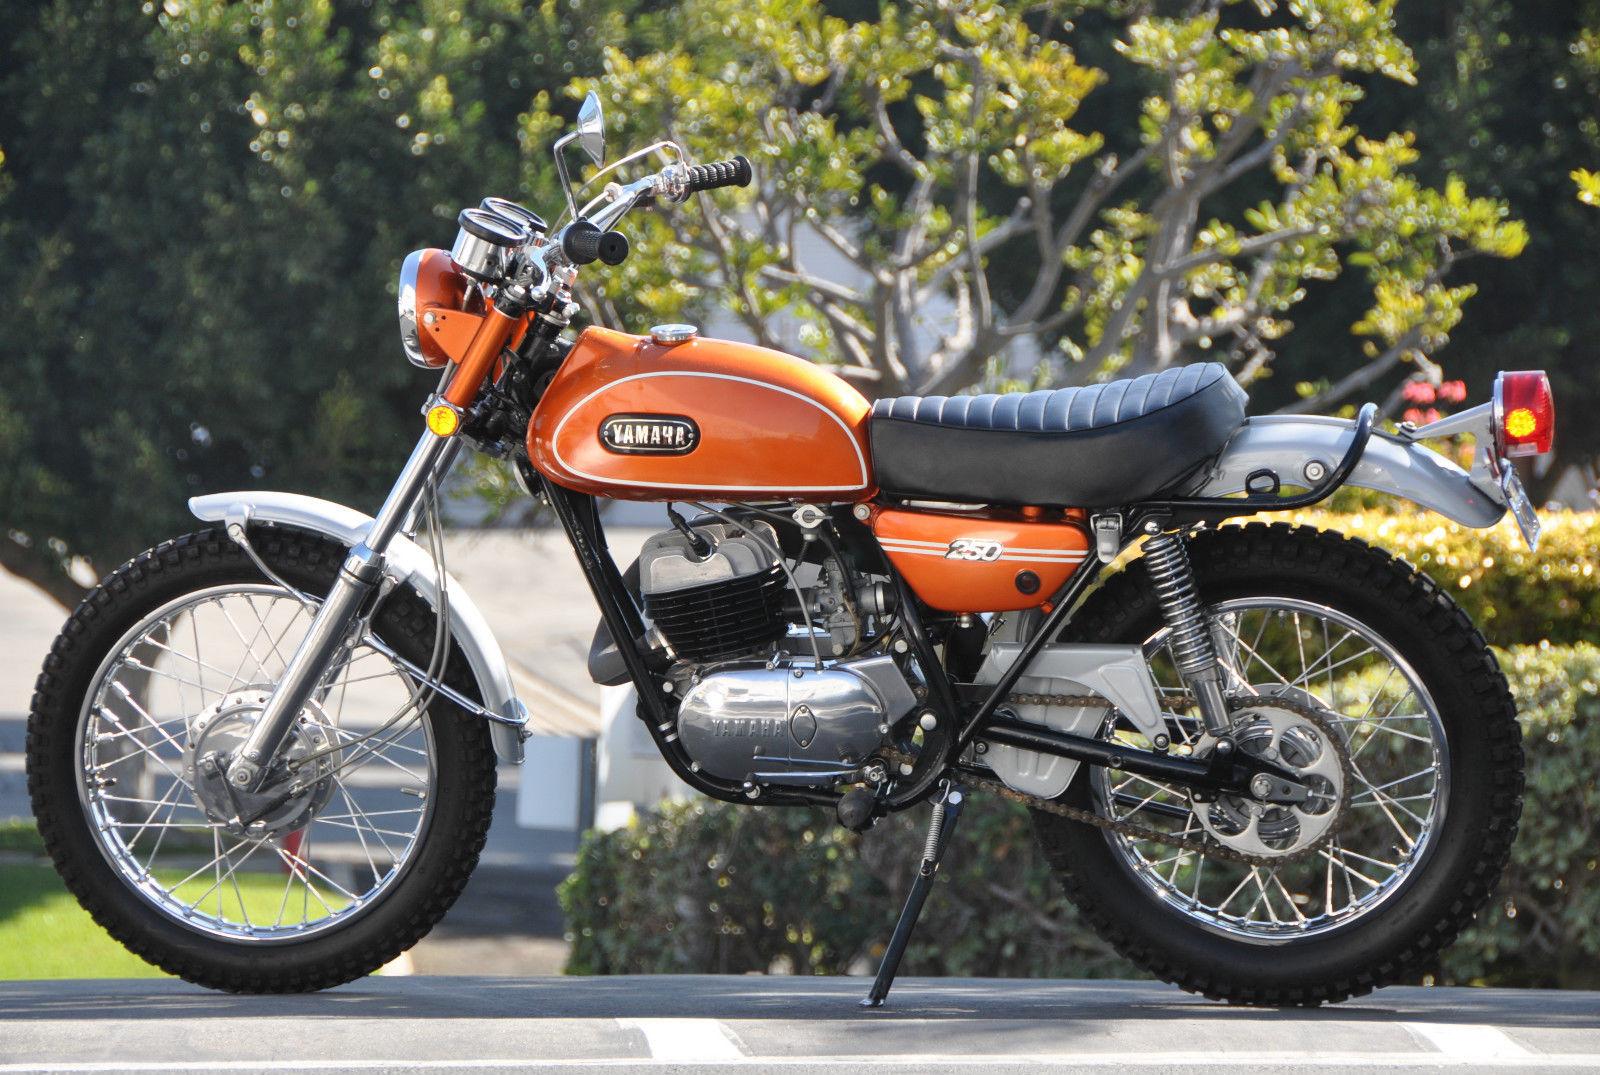 1971 yamaha dt 1 250 bike urious. Black Bedroom Furniture Sets. Home Design Ideas